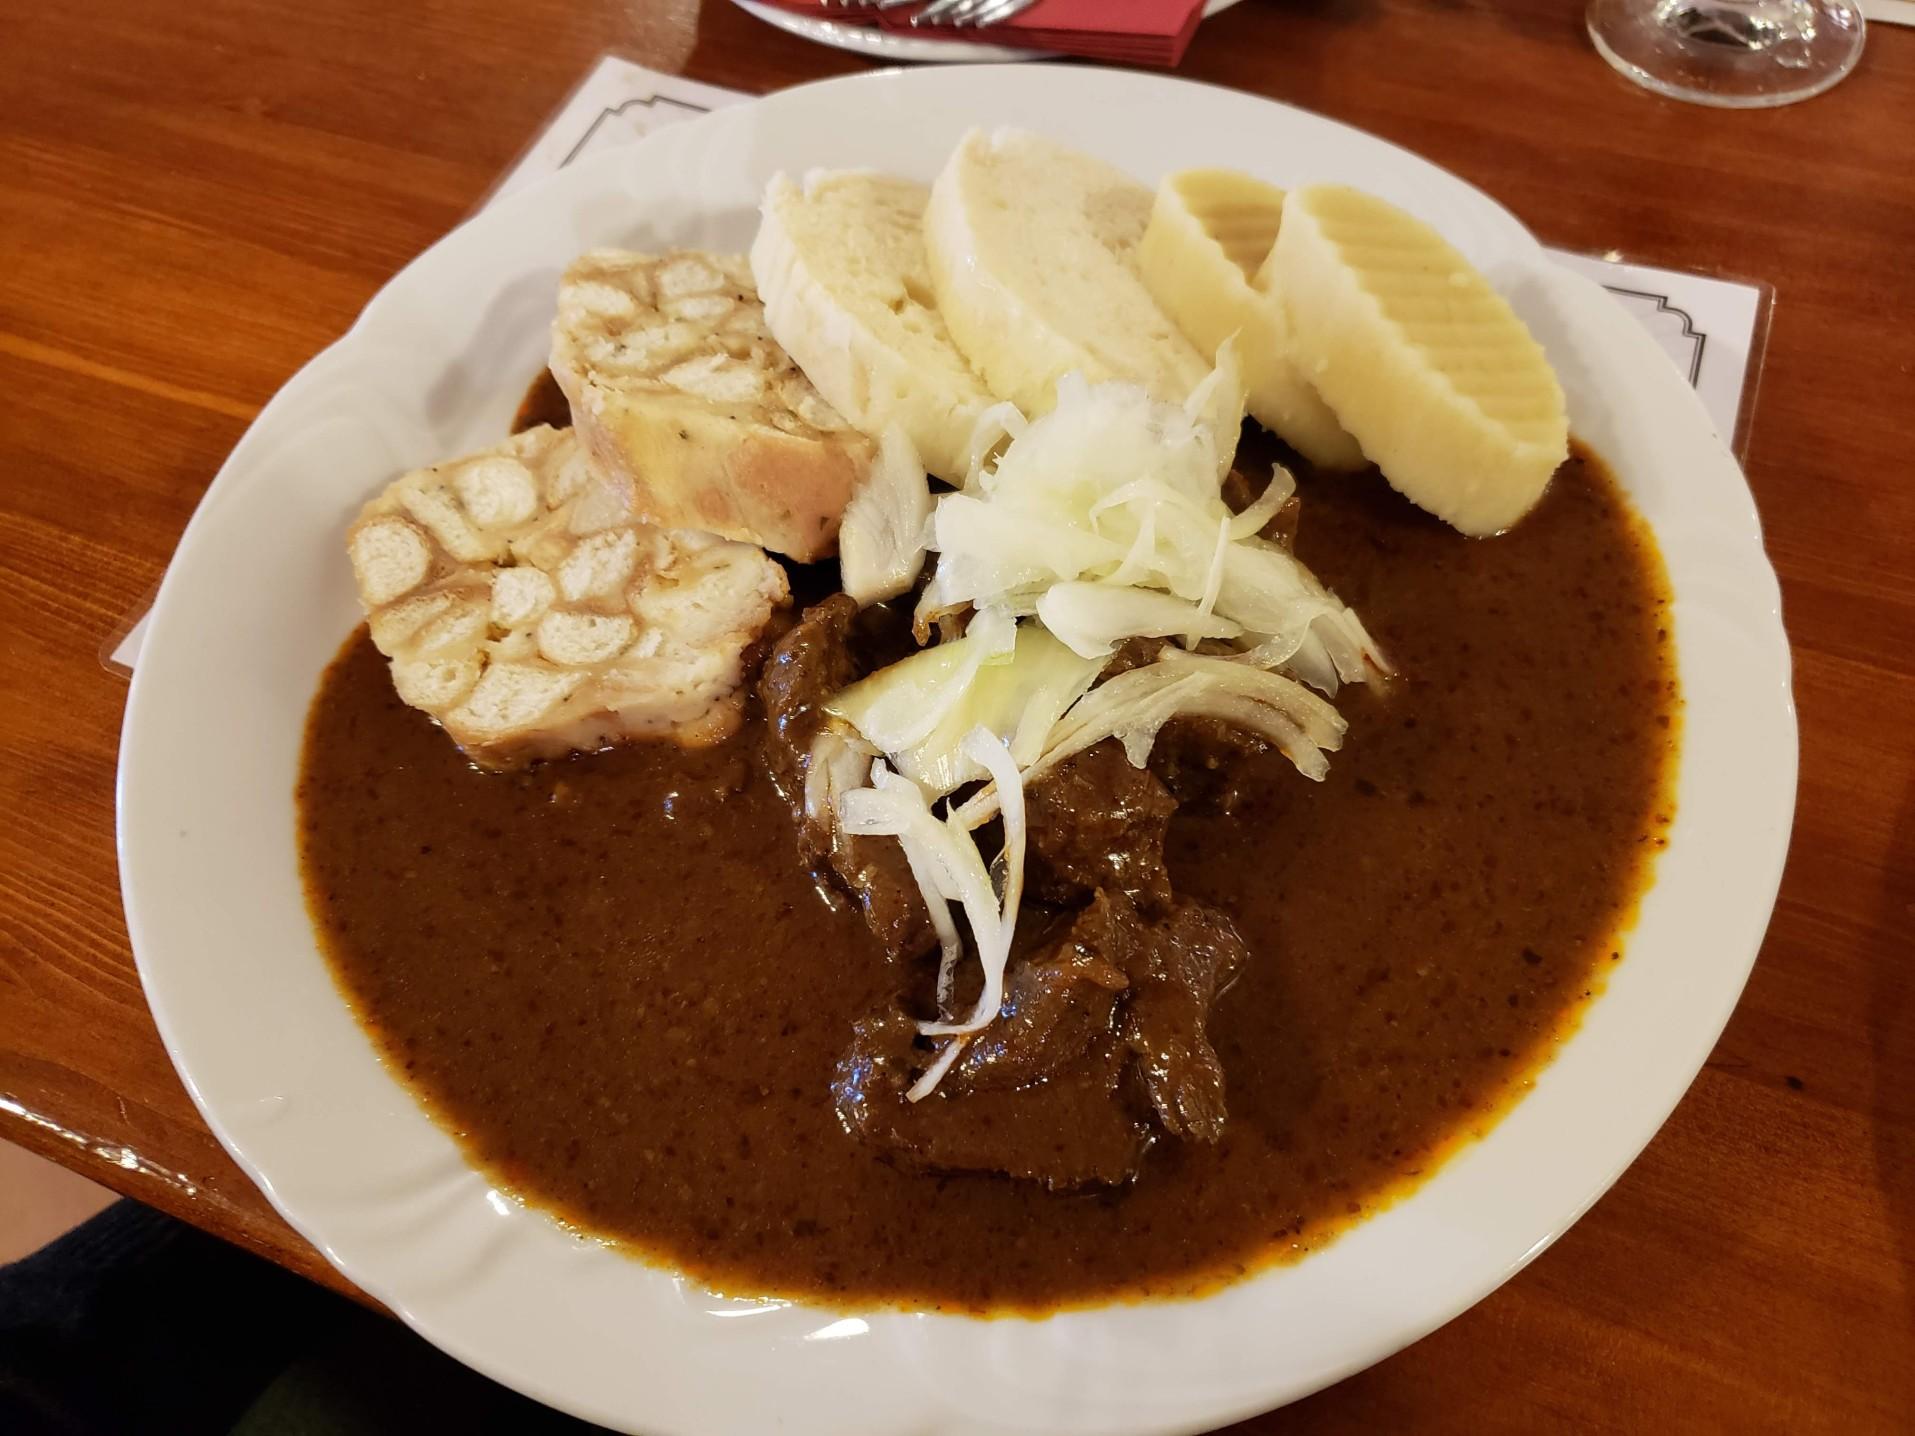 Guláš - estofado de cerdo con dumplings de pan y patatas